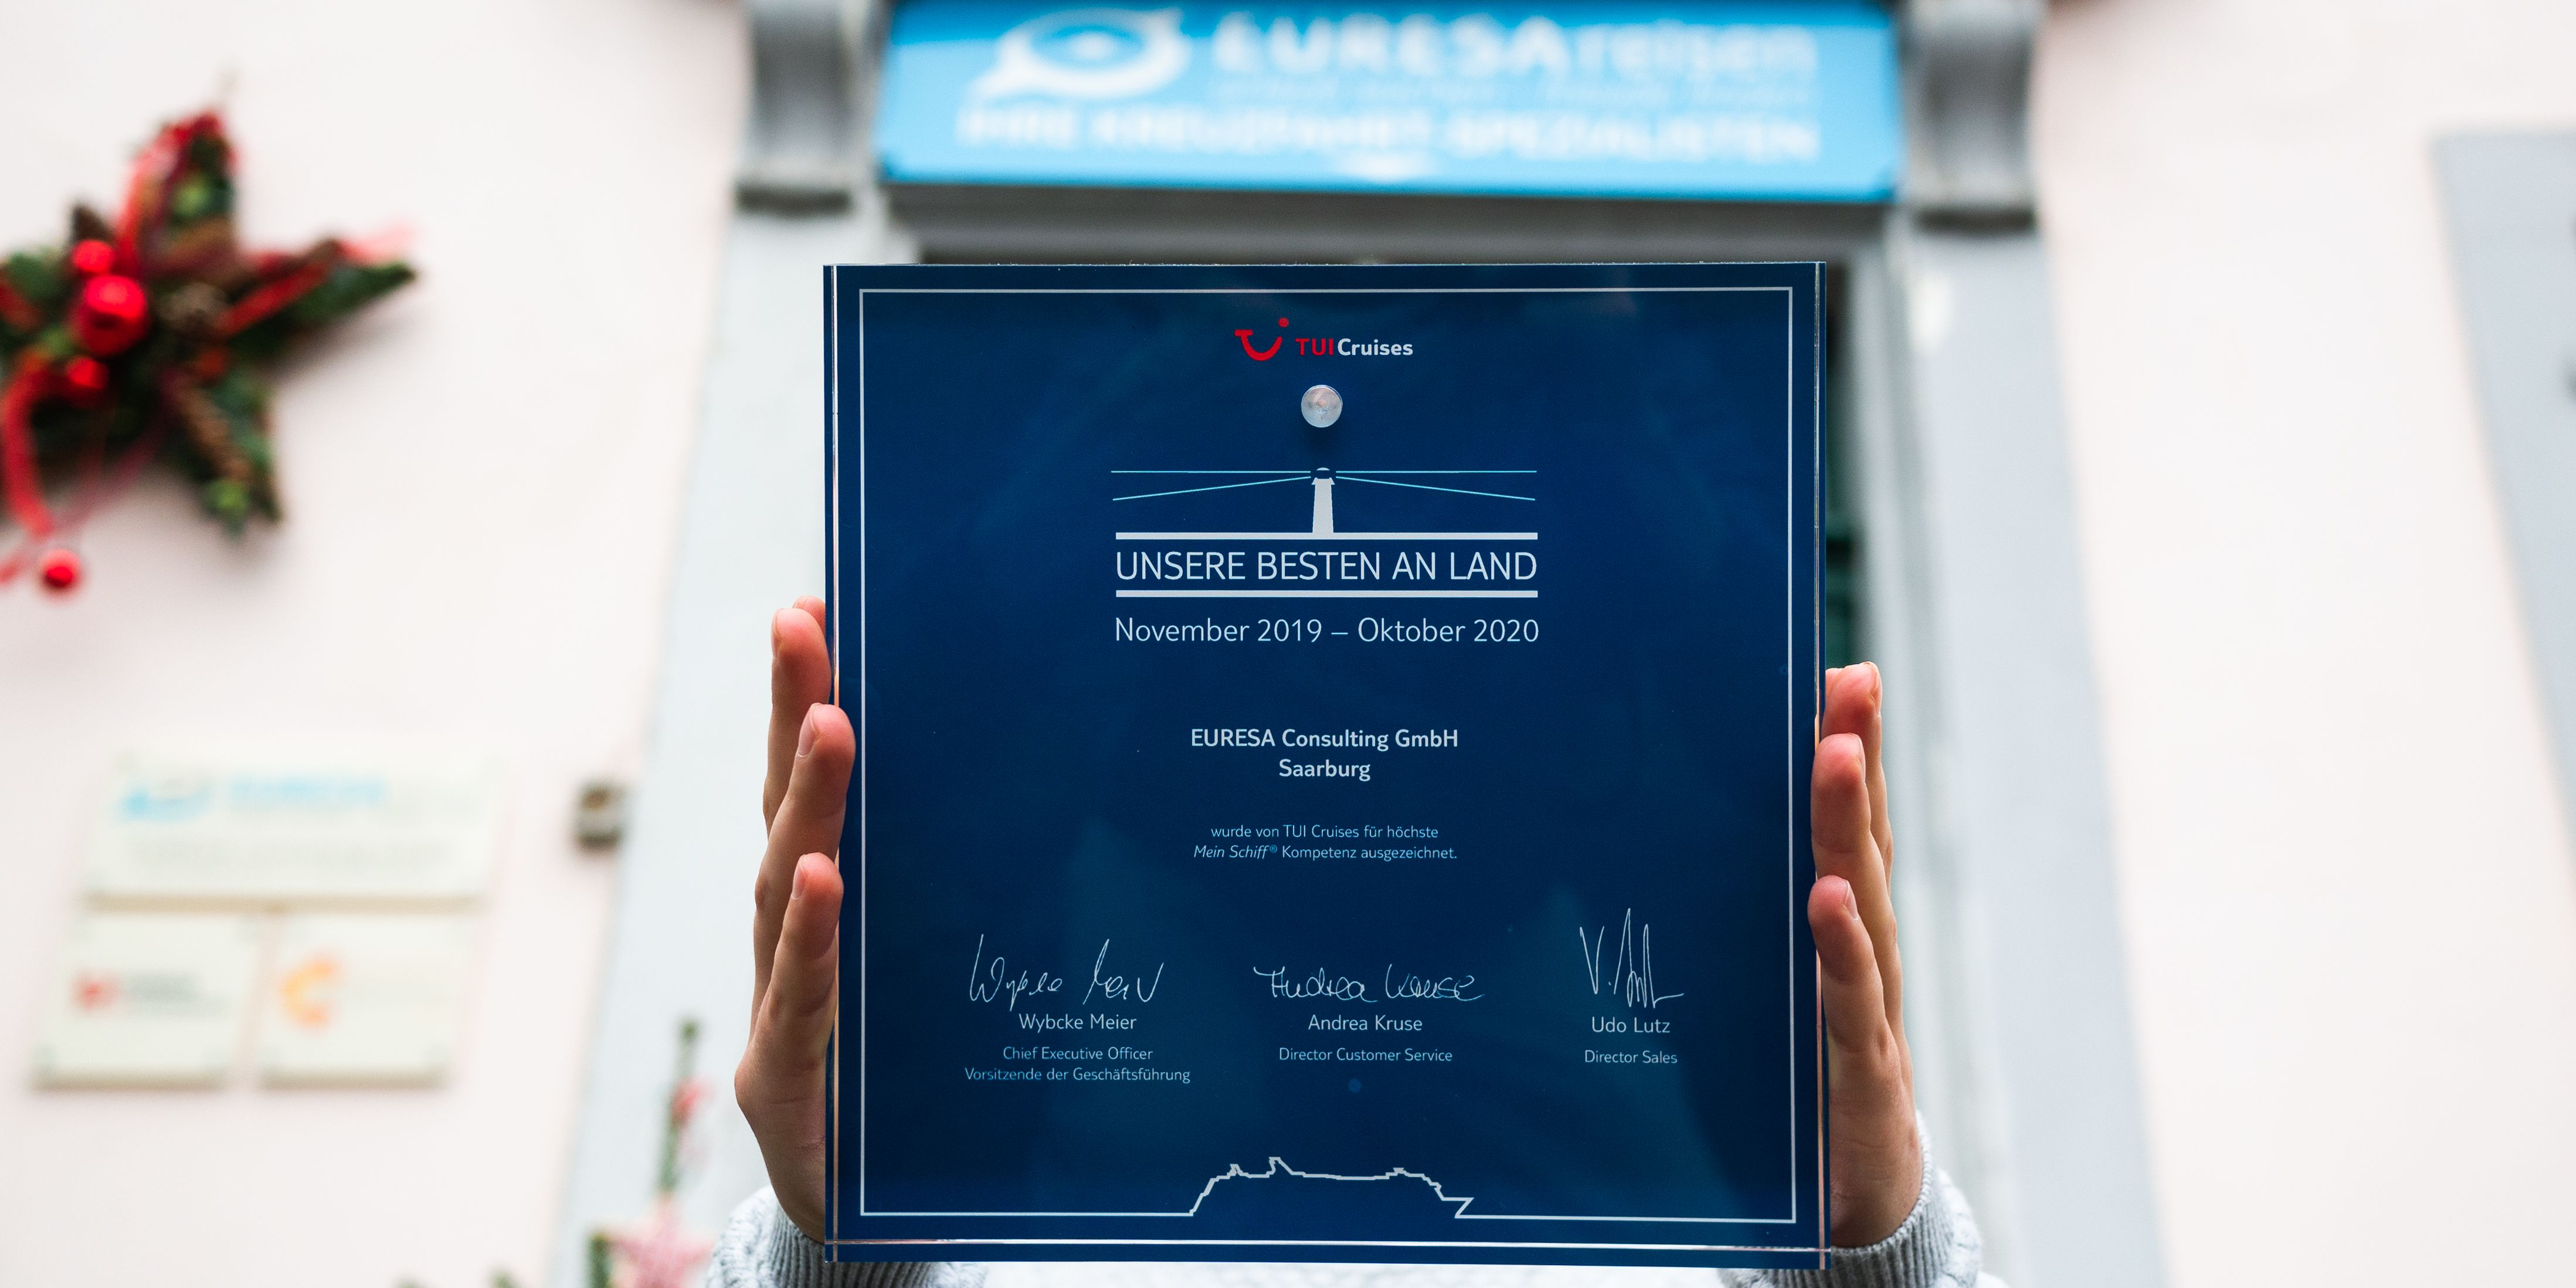 Auszeichnung von TUI Cruises